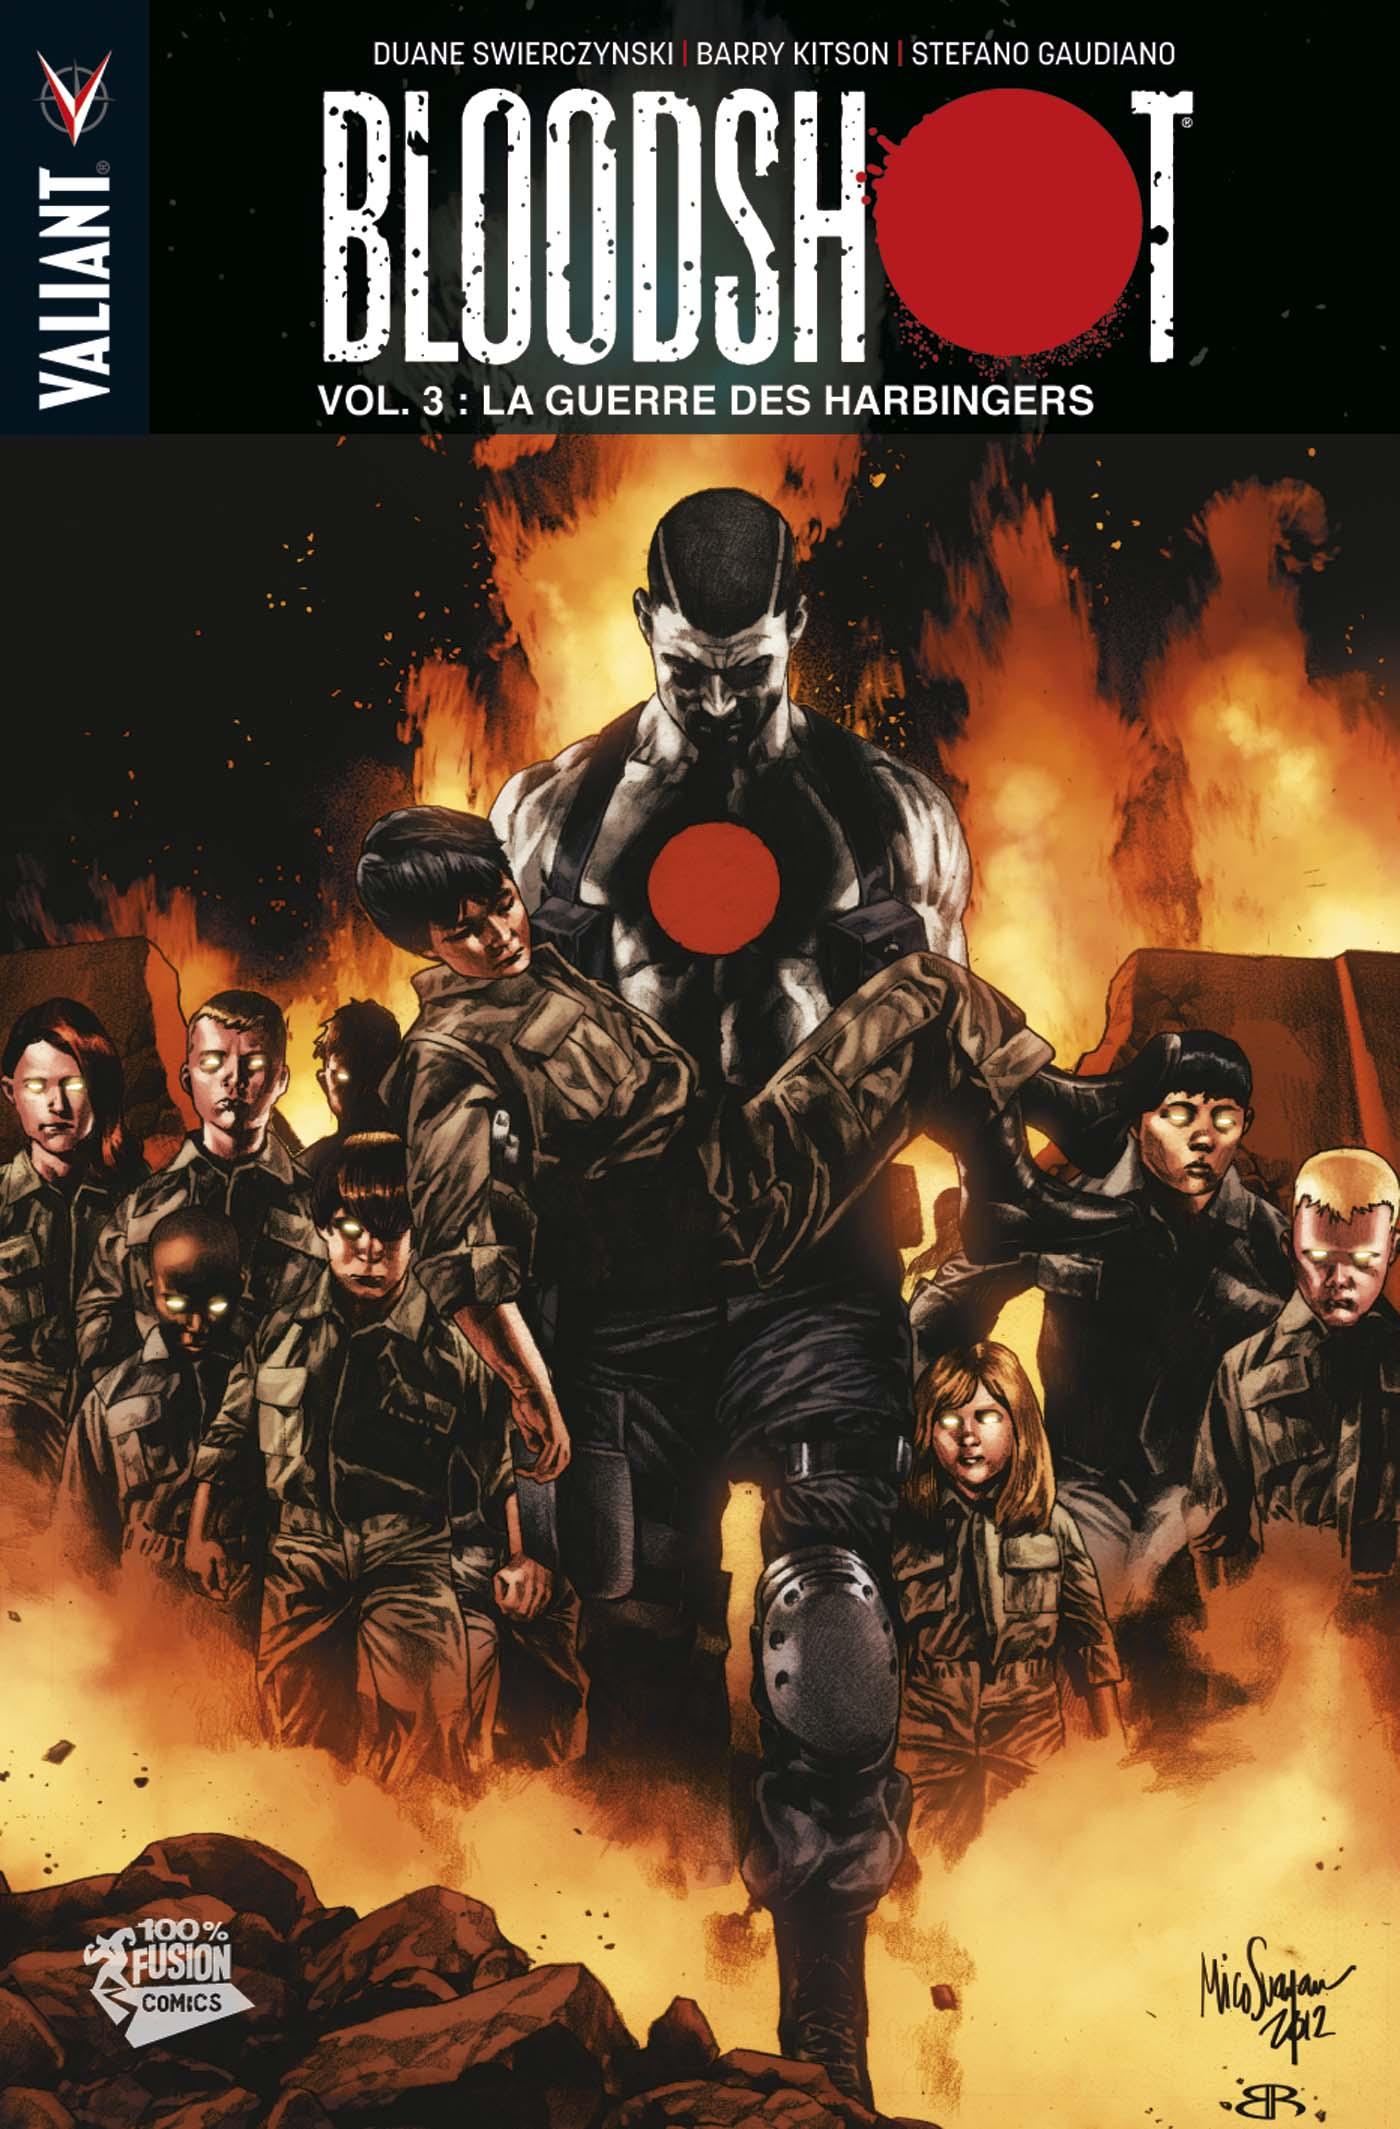 Bloodshot 3 - La guerre des harbingers